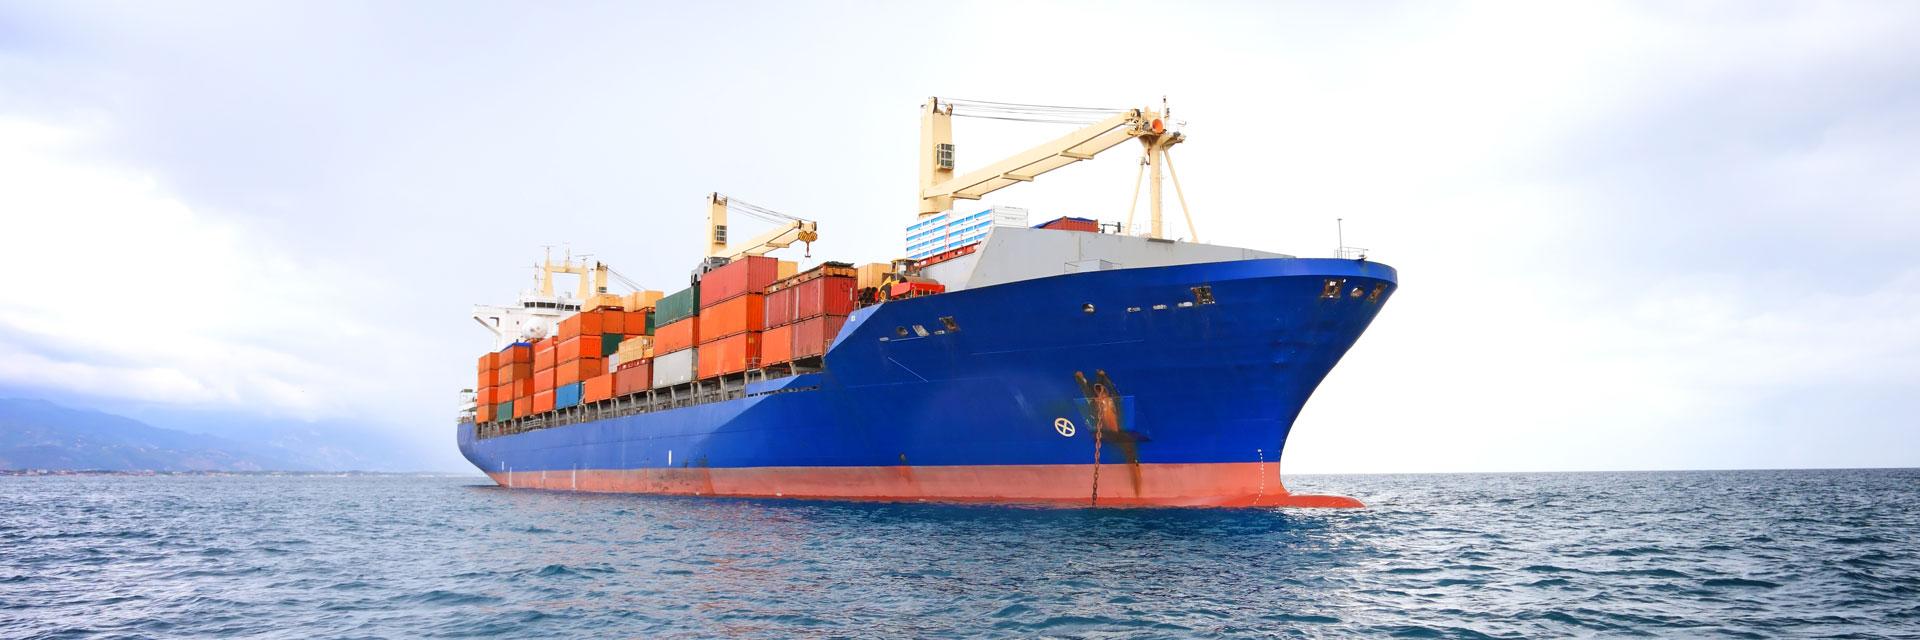 Картинки по запросу стоимость морских перевозок